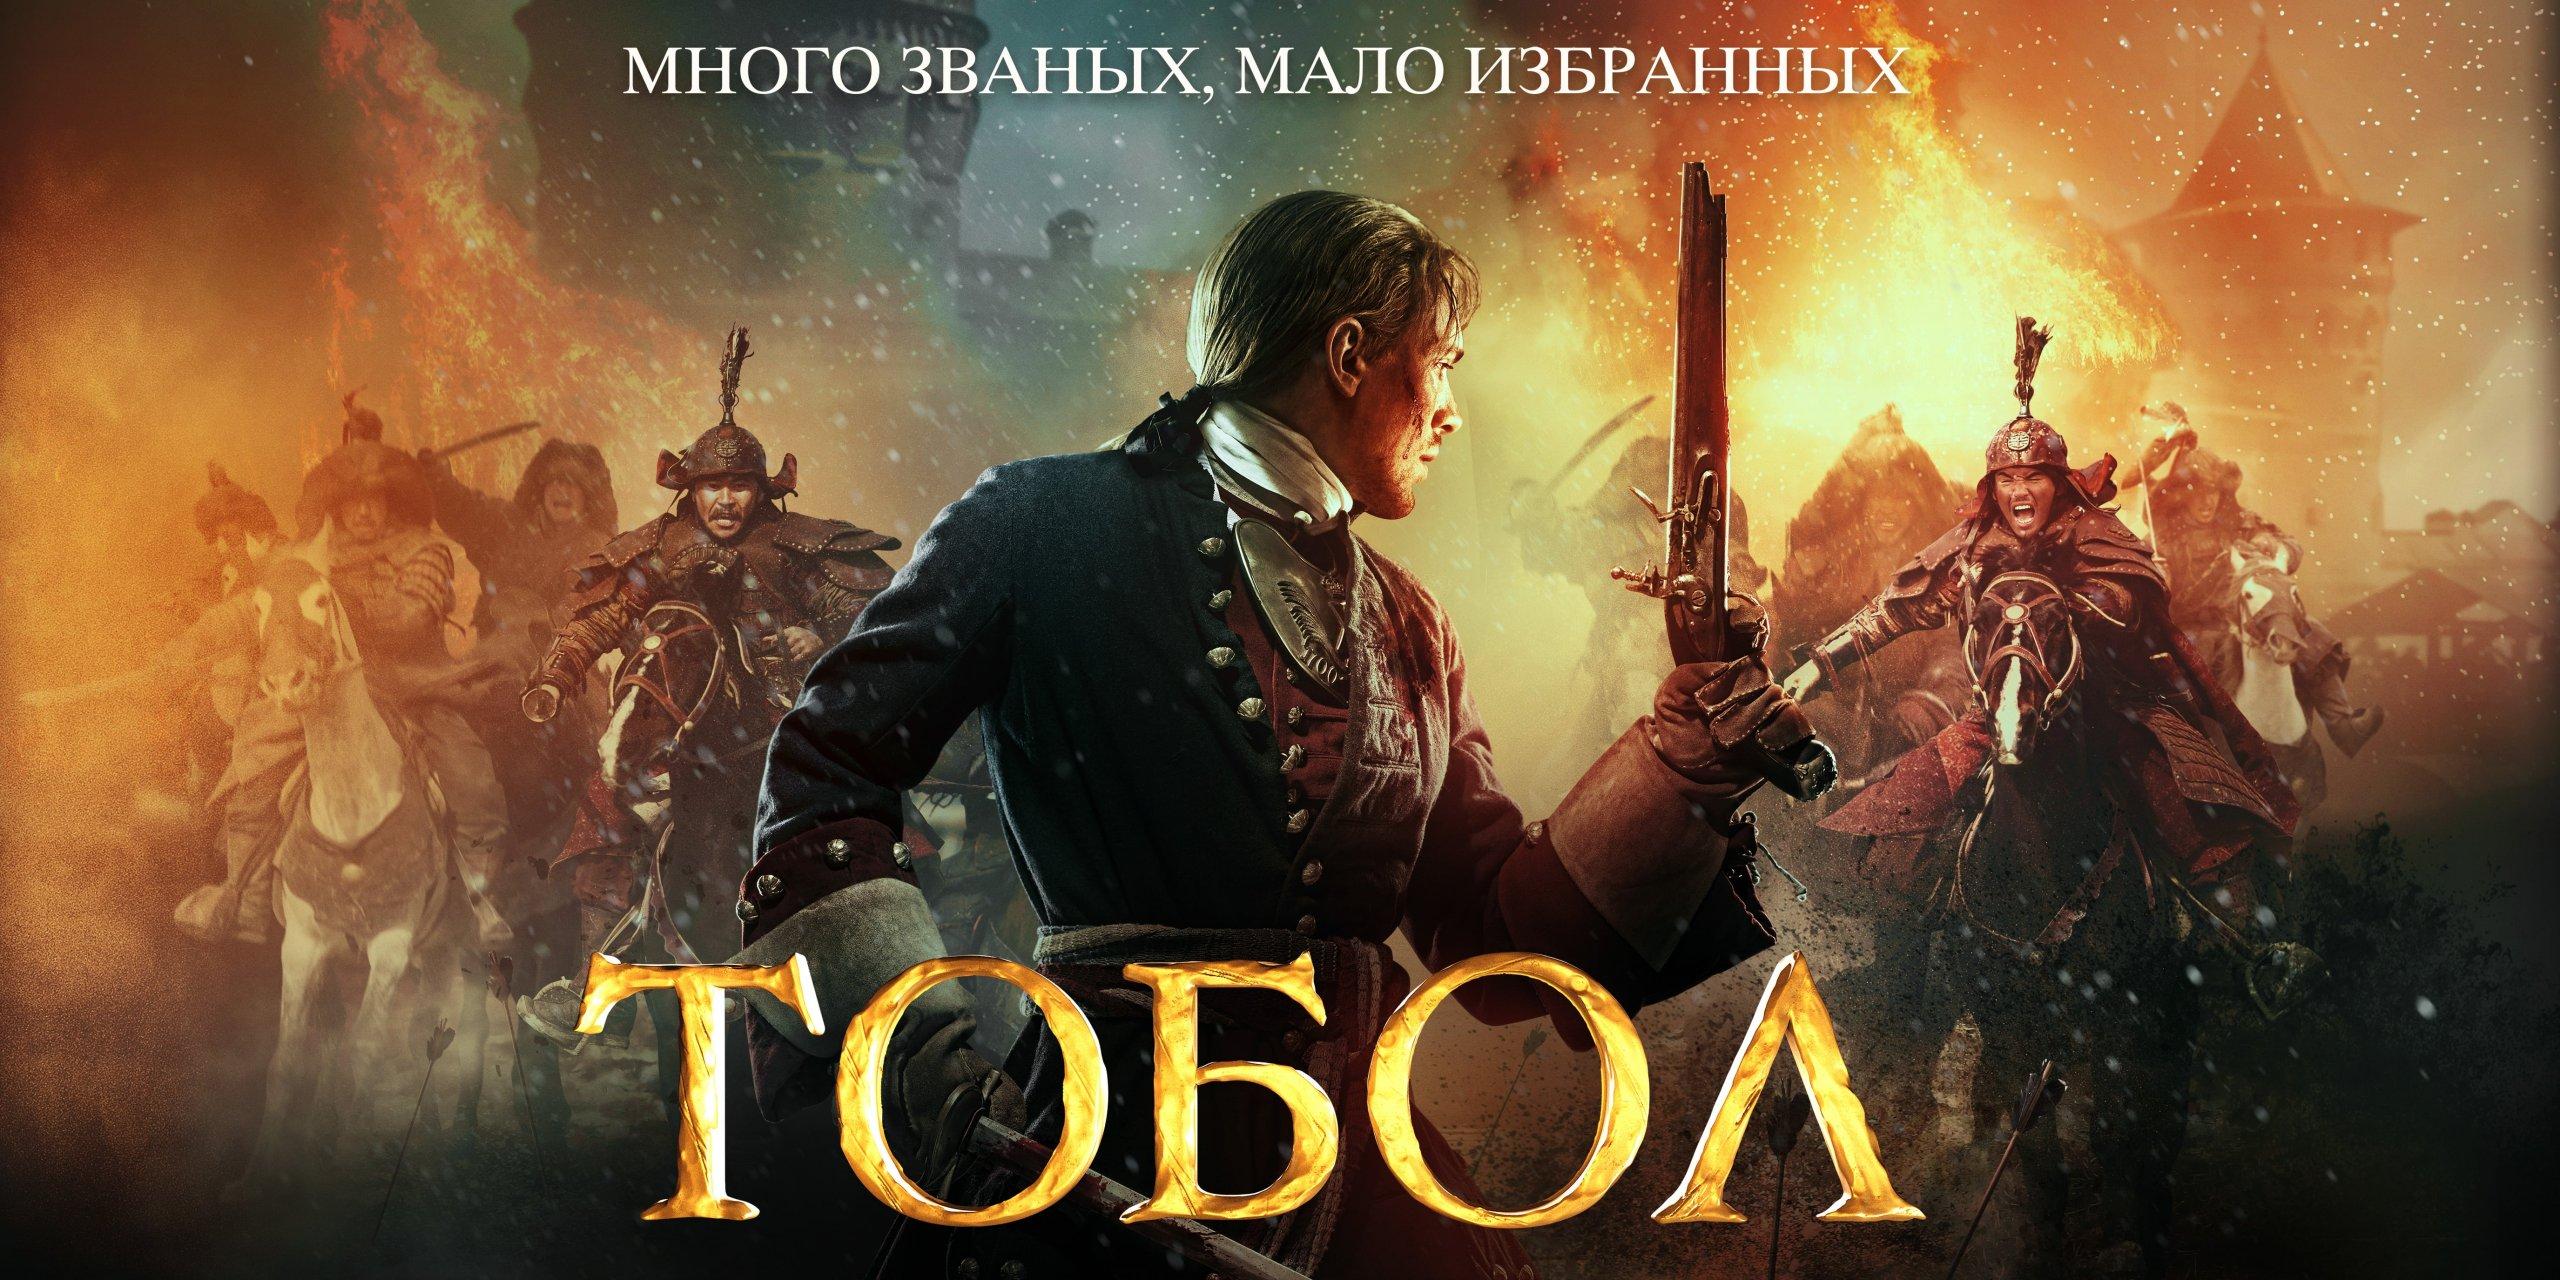 Tobol Film